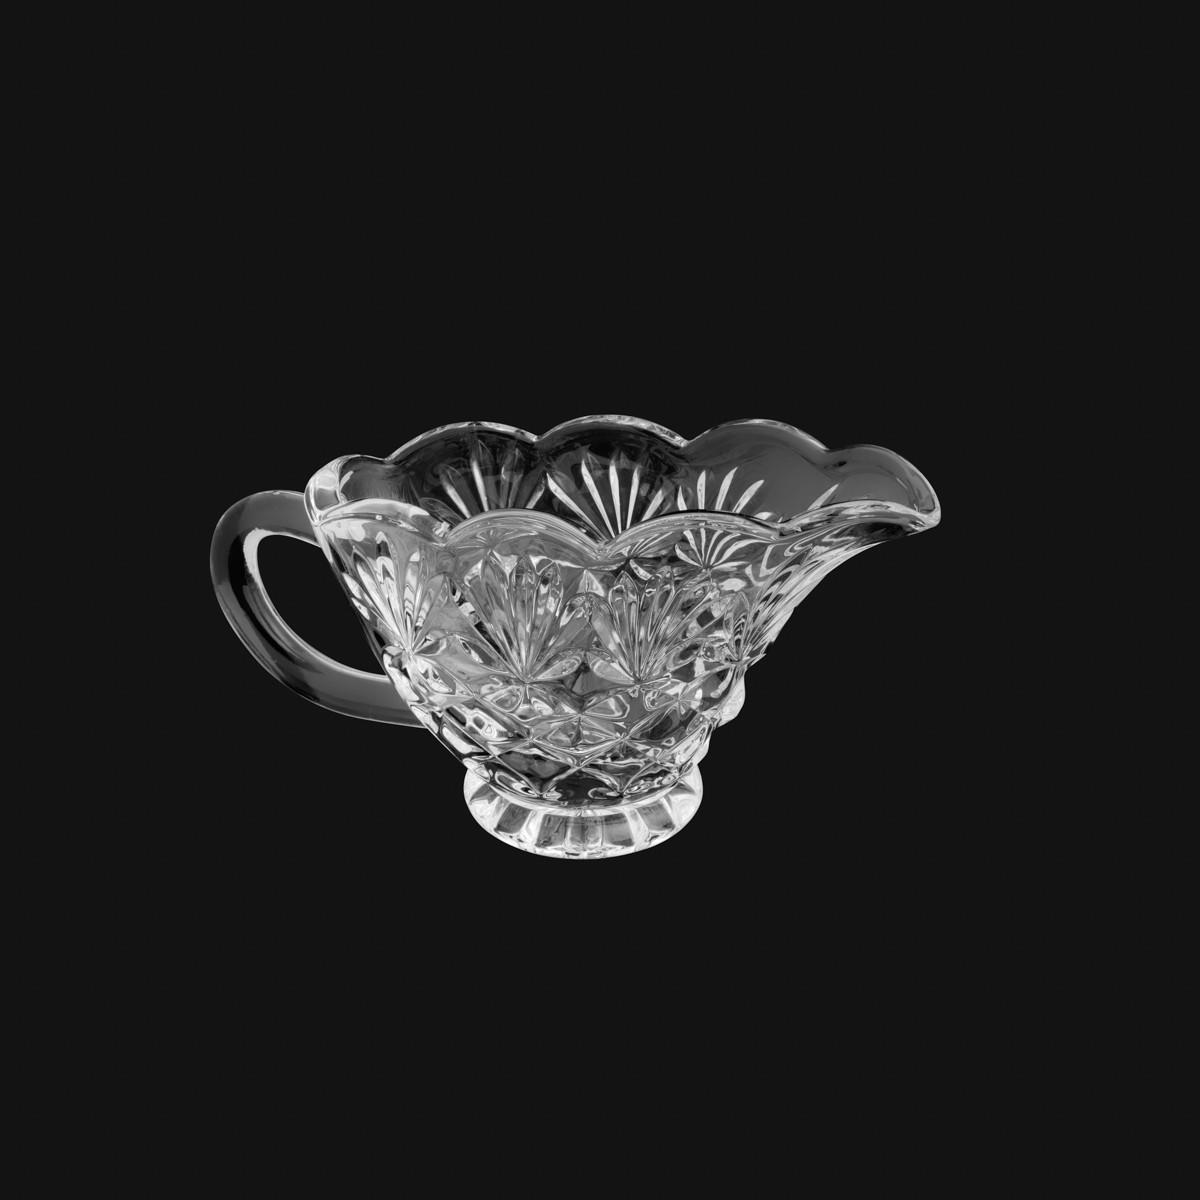 Molheira de Cristal de chumbo Dublin 140ml